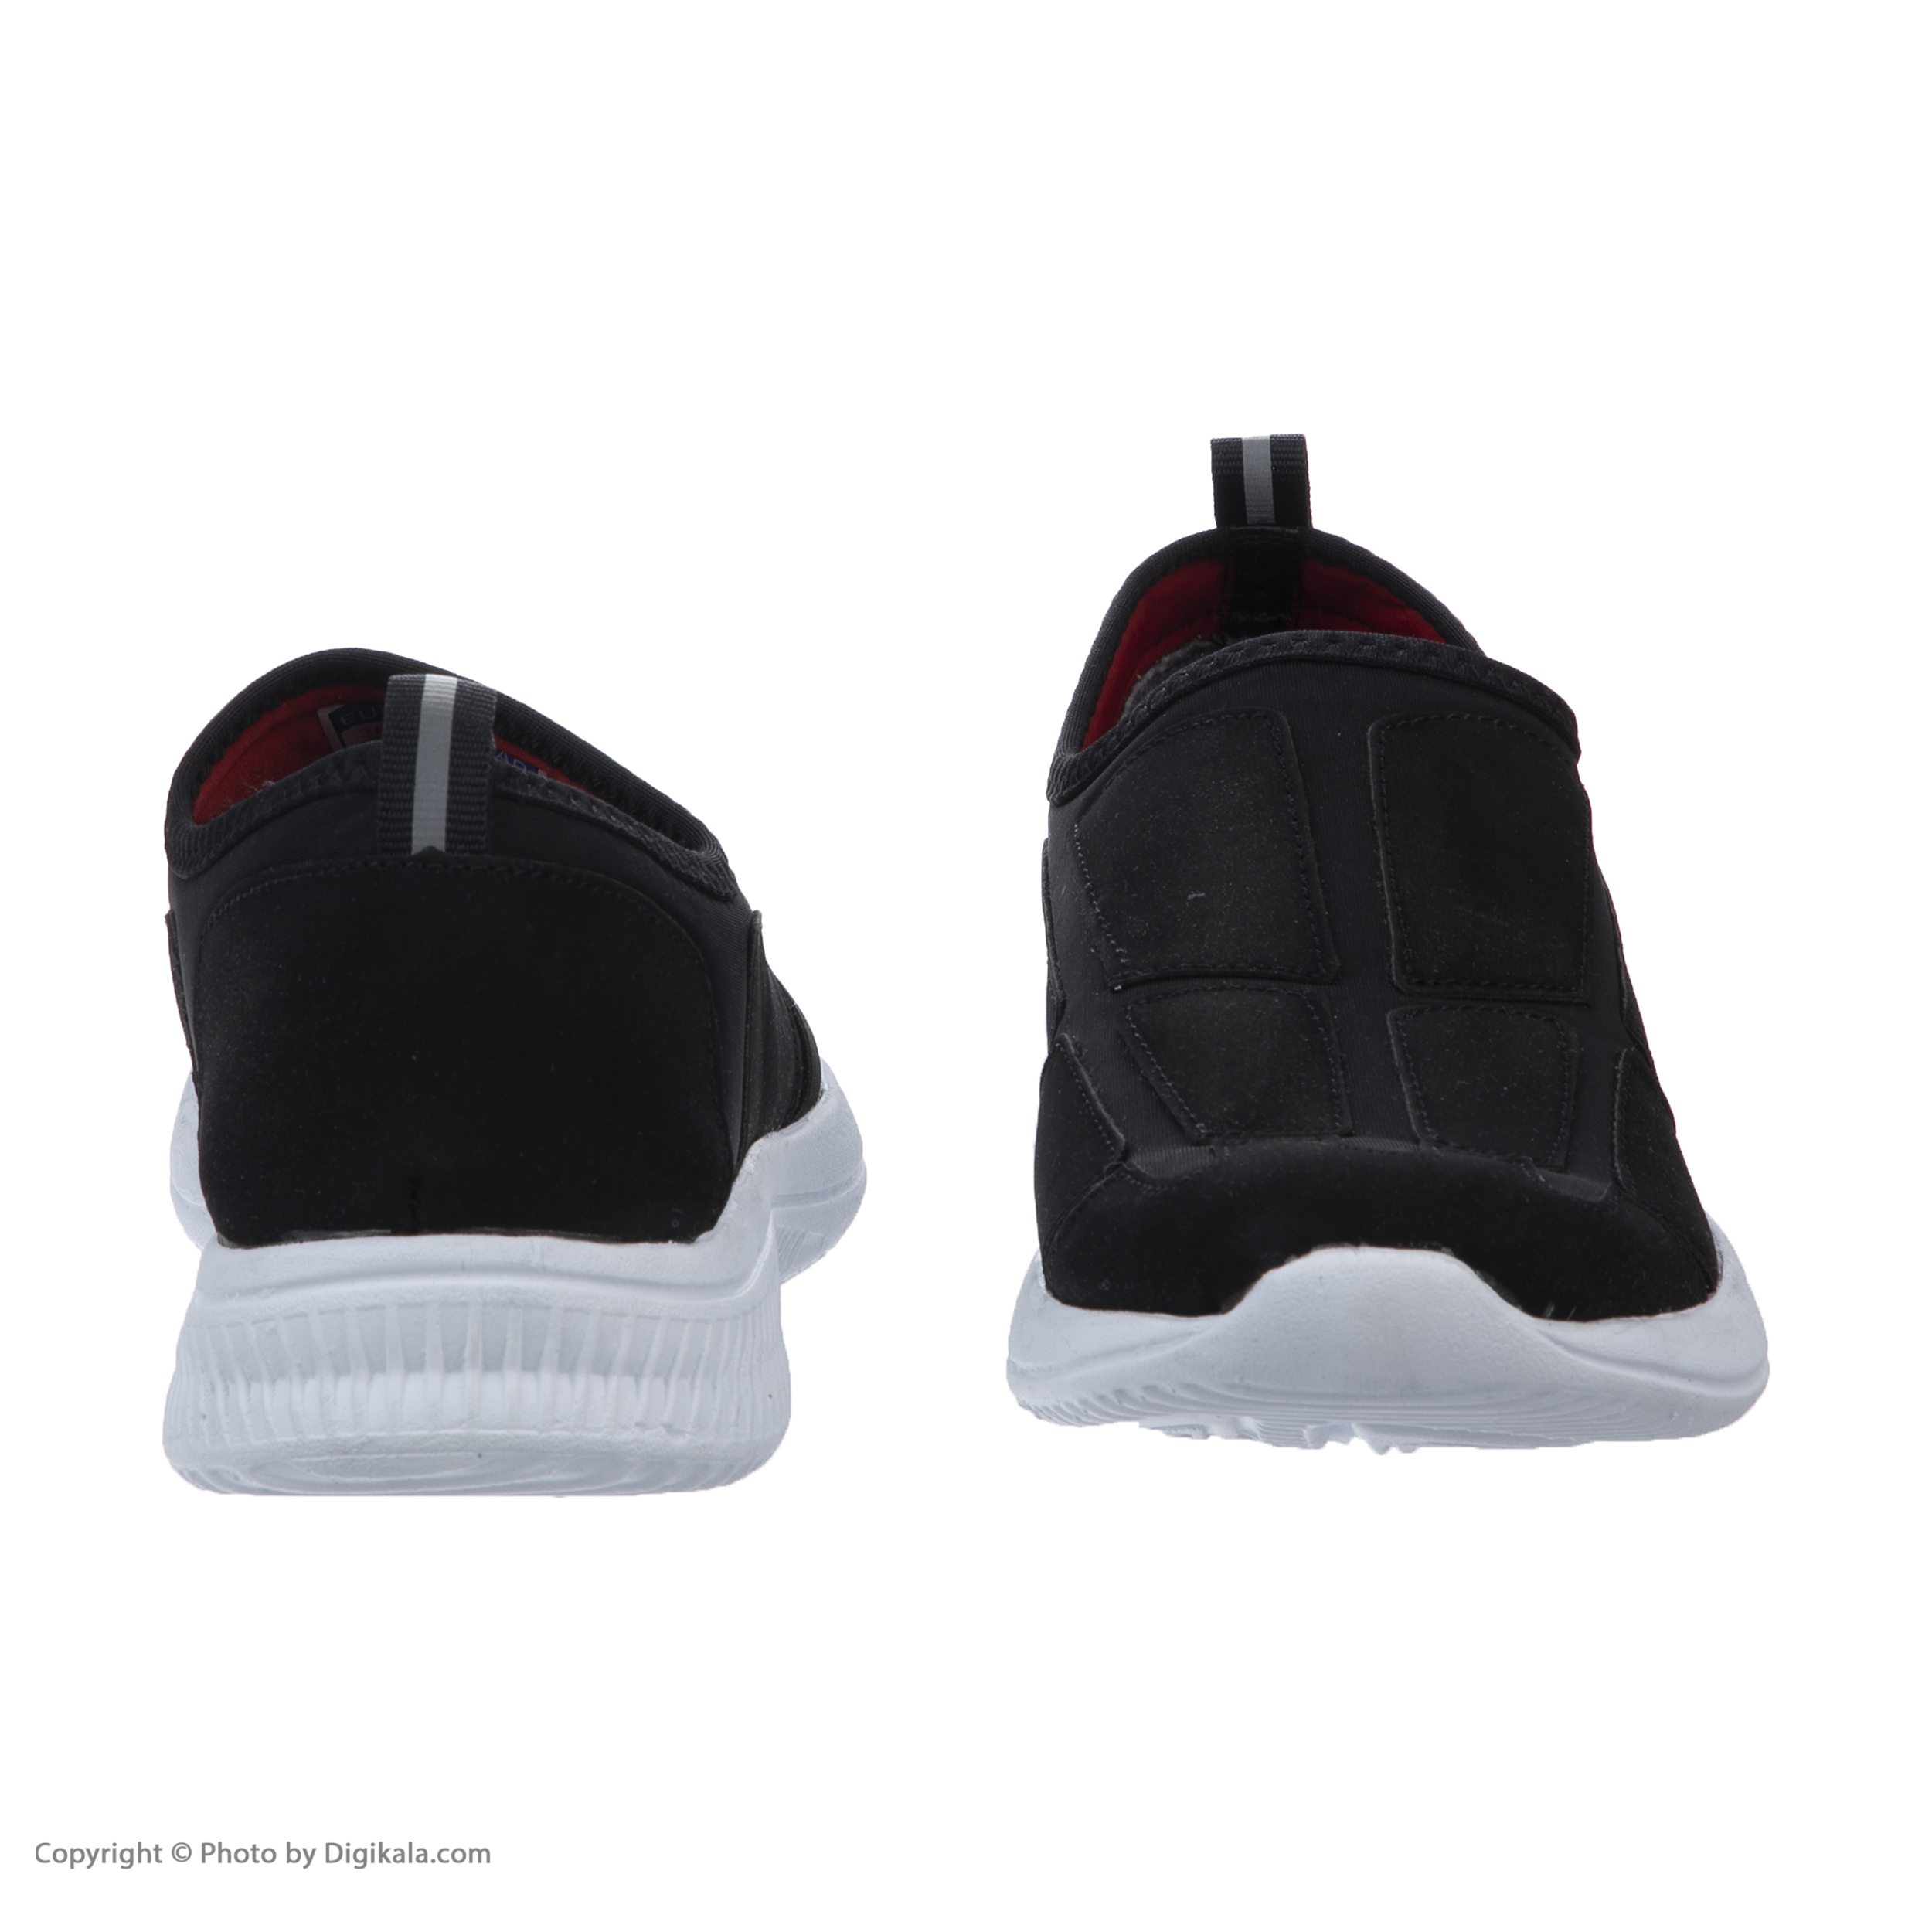 کفش مخصوص پیاده روی نه مل اند موژ کد w121-1-2